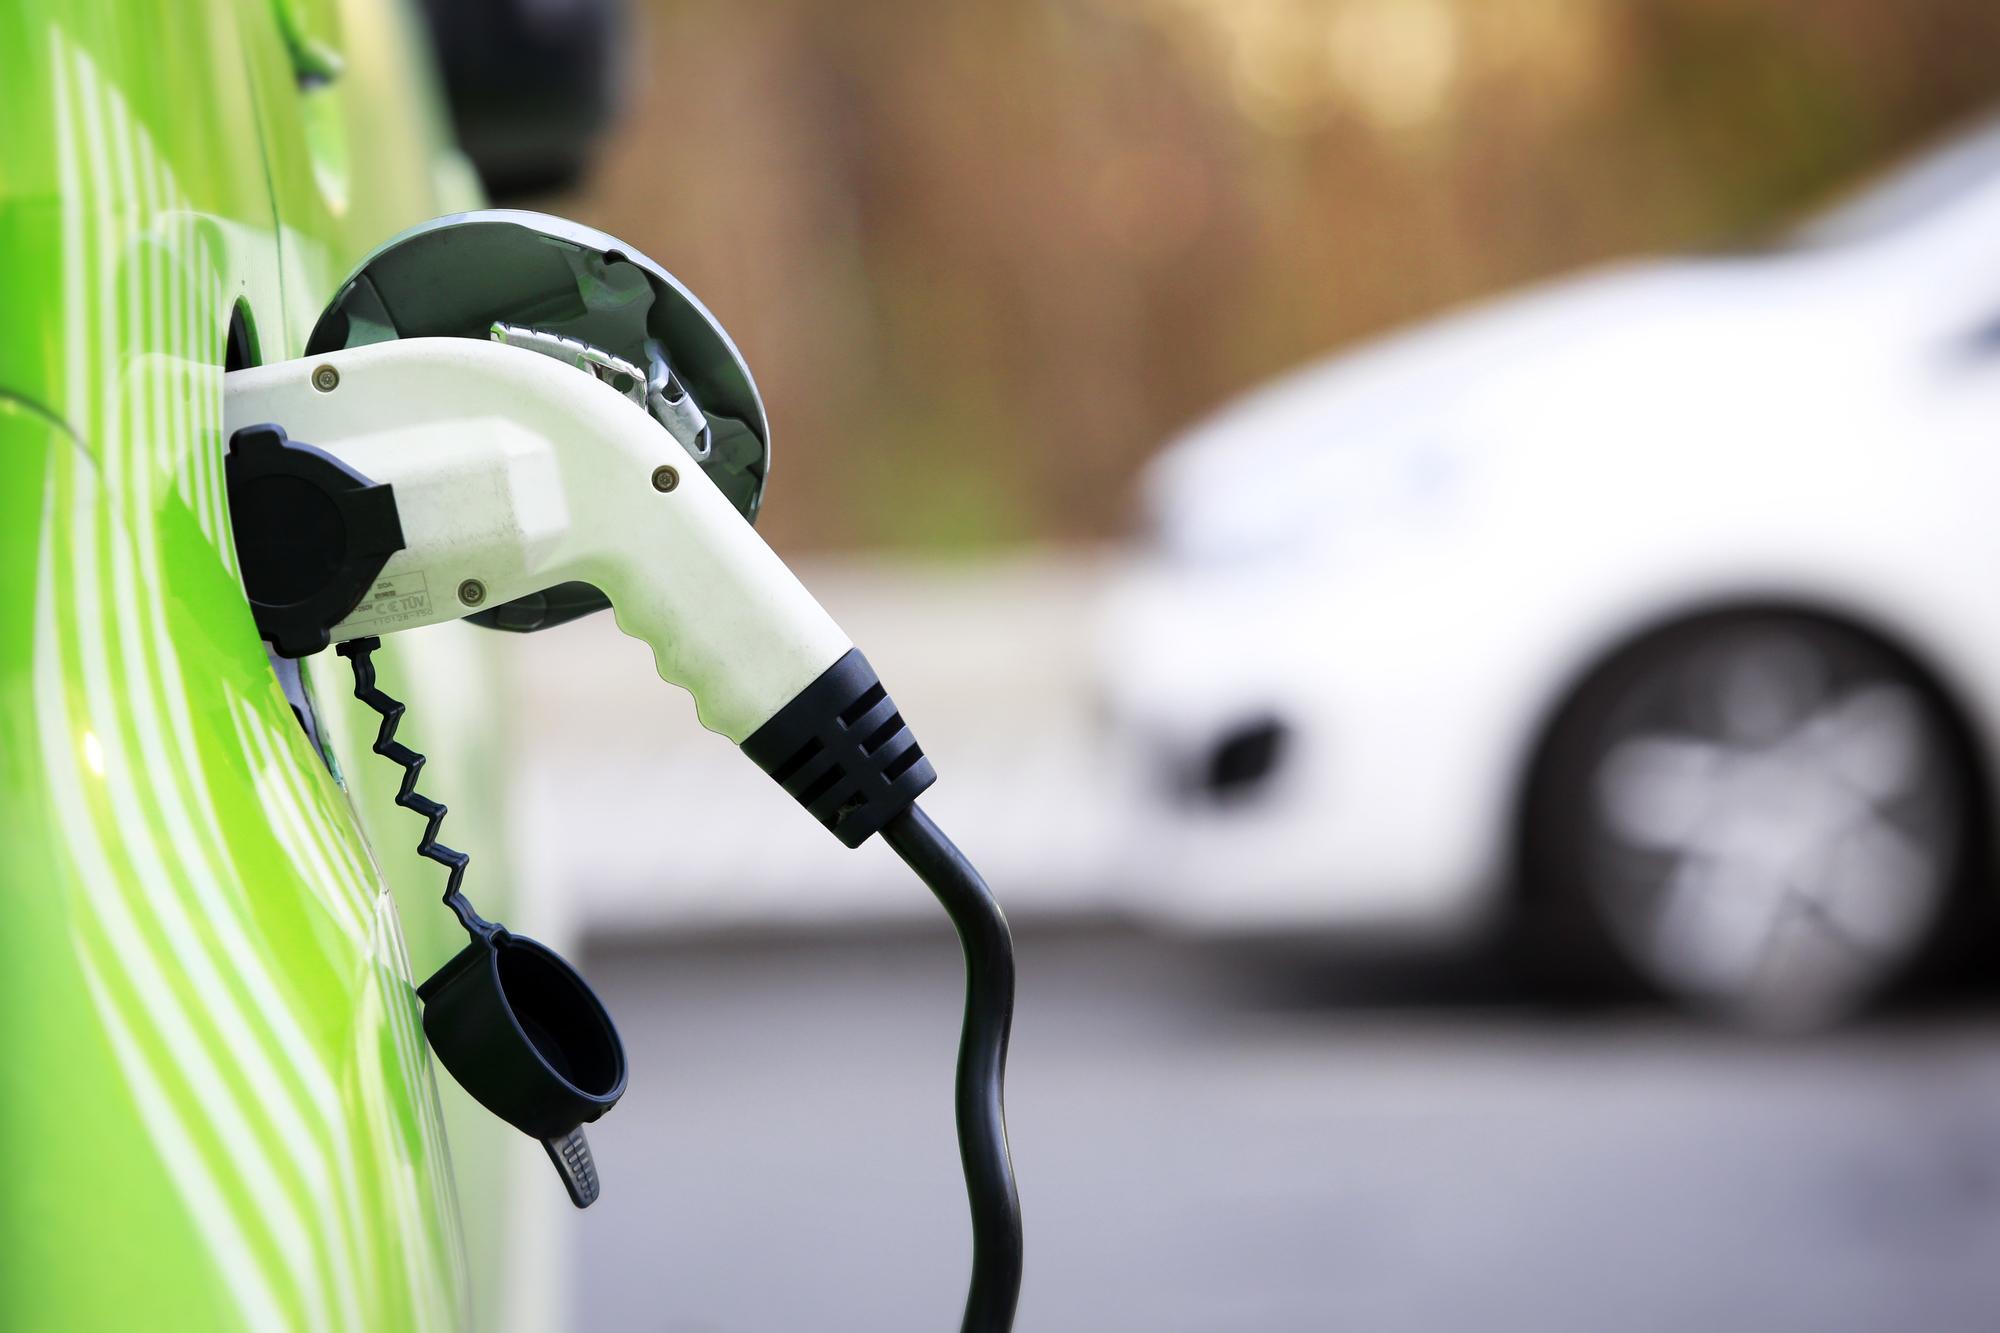 Stanovisko AOOA: Divoký dovoz ojetých elektromobilů může z Česka udělat chemickou popelnici Evropy.